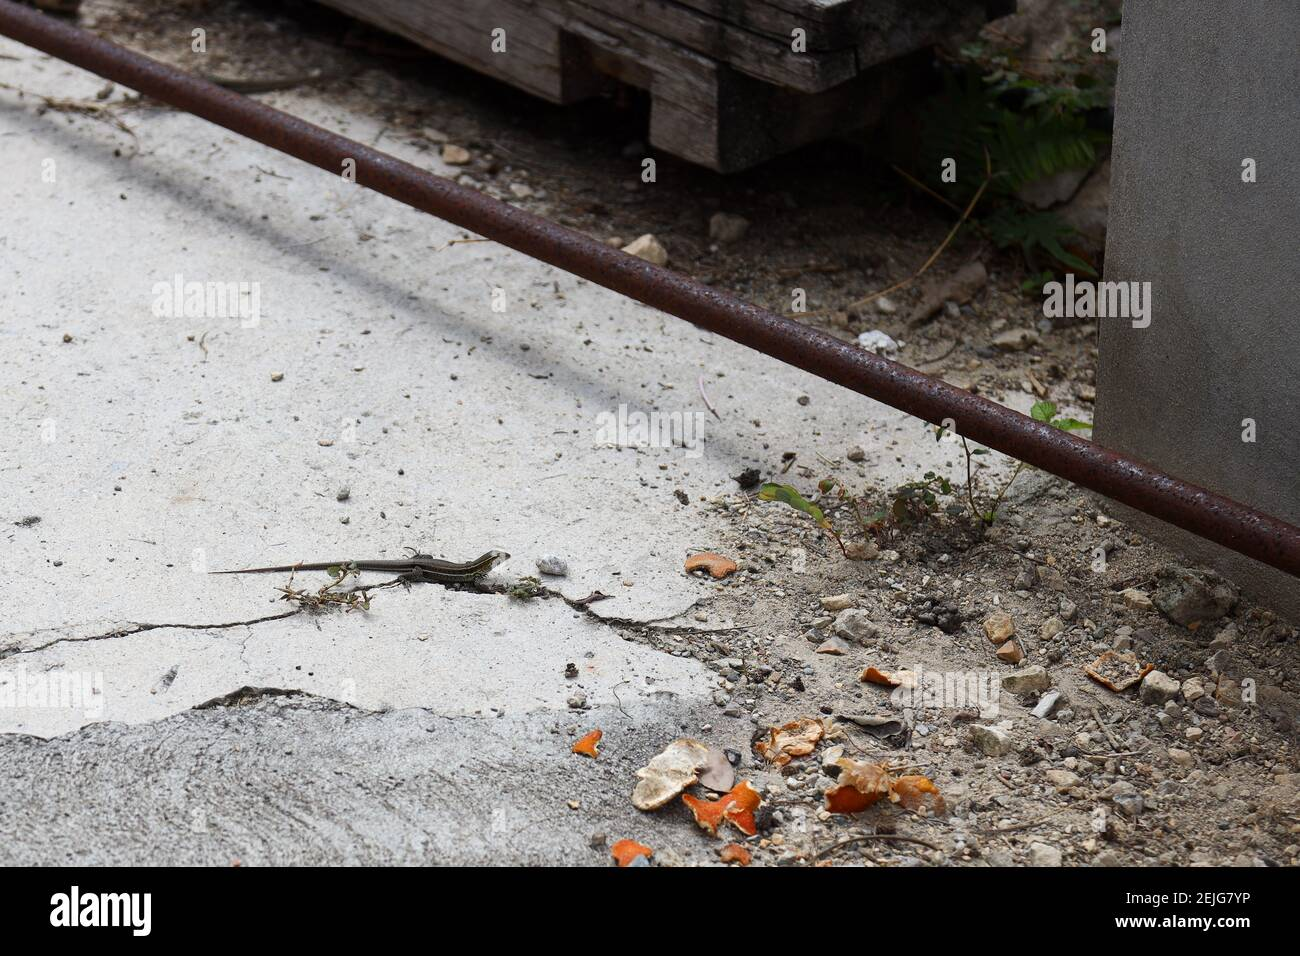 Petit reptile de lézard de Gecko qui s'exécute parmi les débris de construction dans le Climat chaud des Caraïbes Banque D'Images